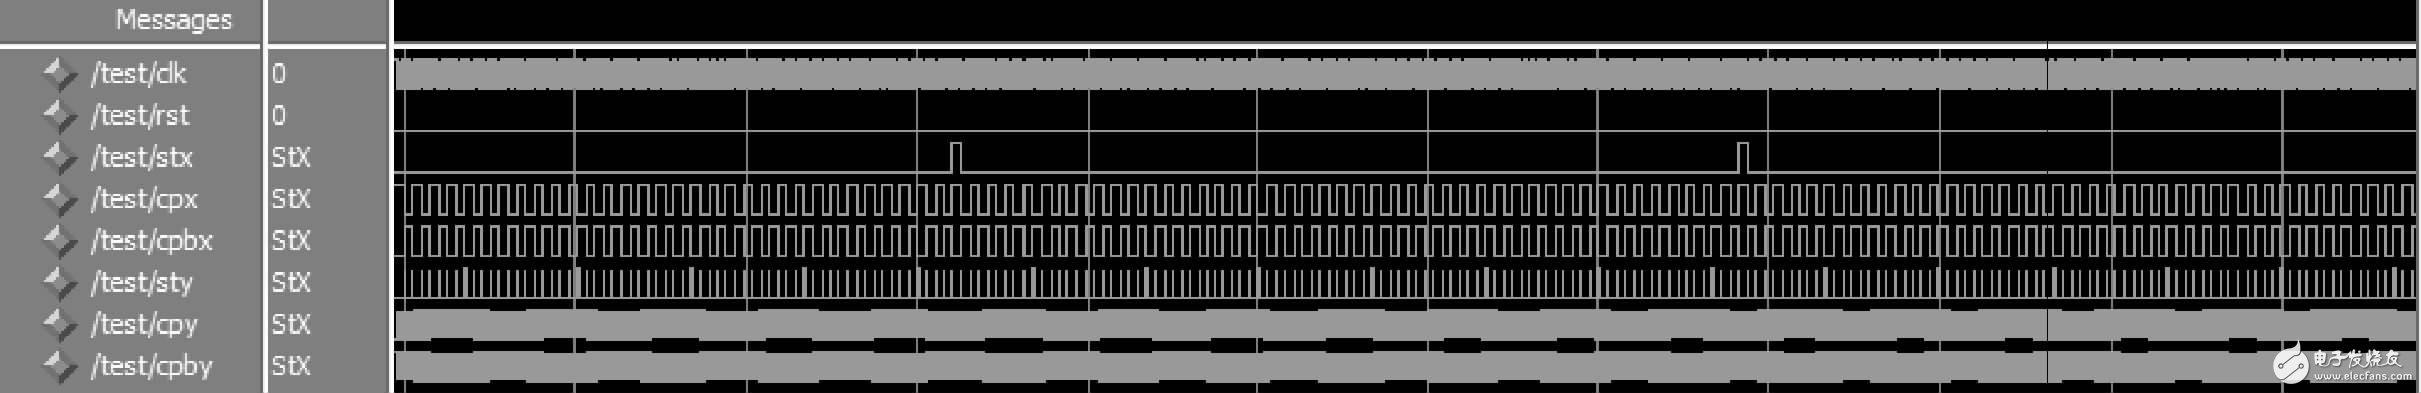 FPGA-based OLED true color display design